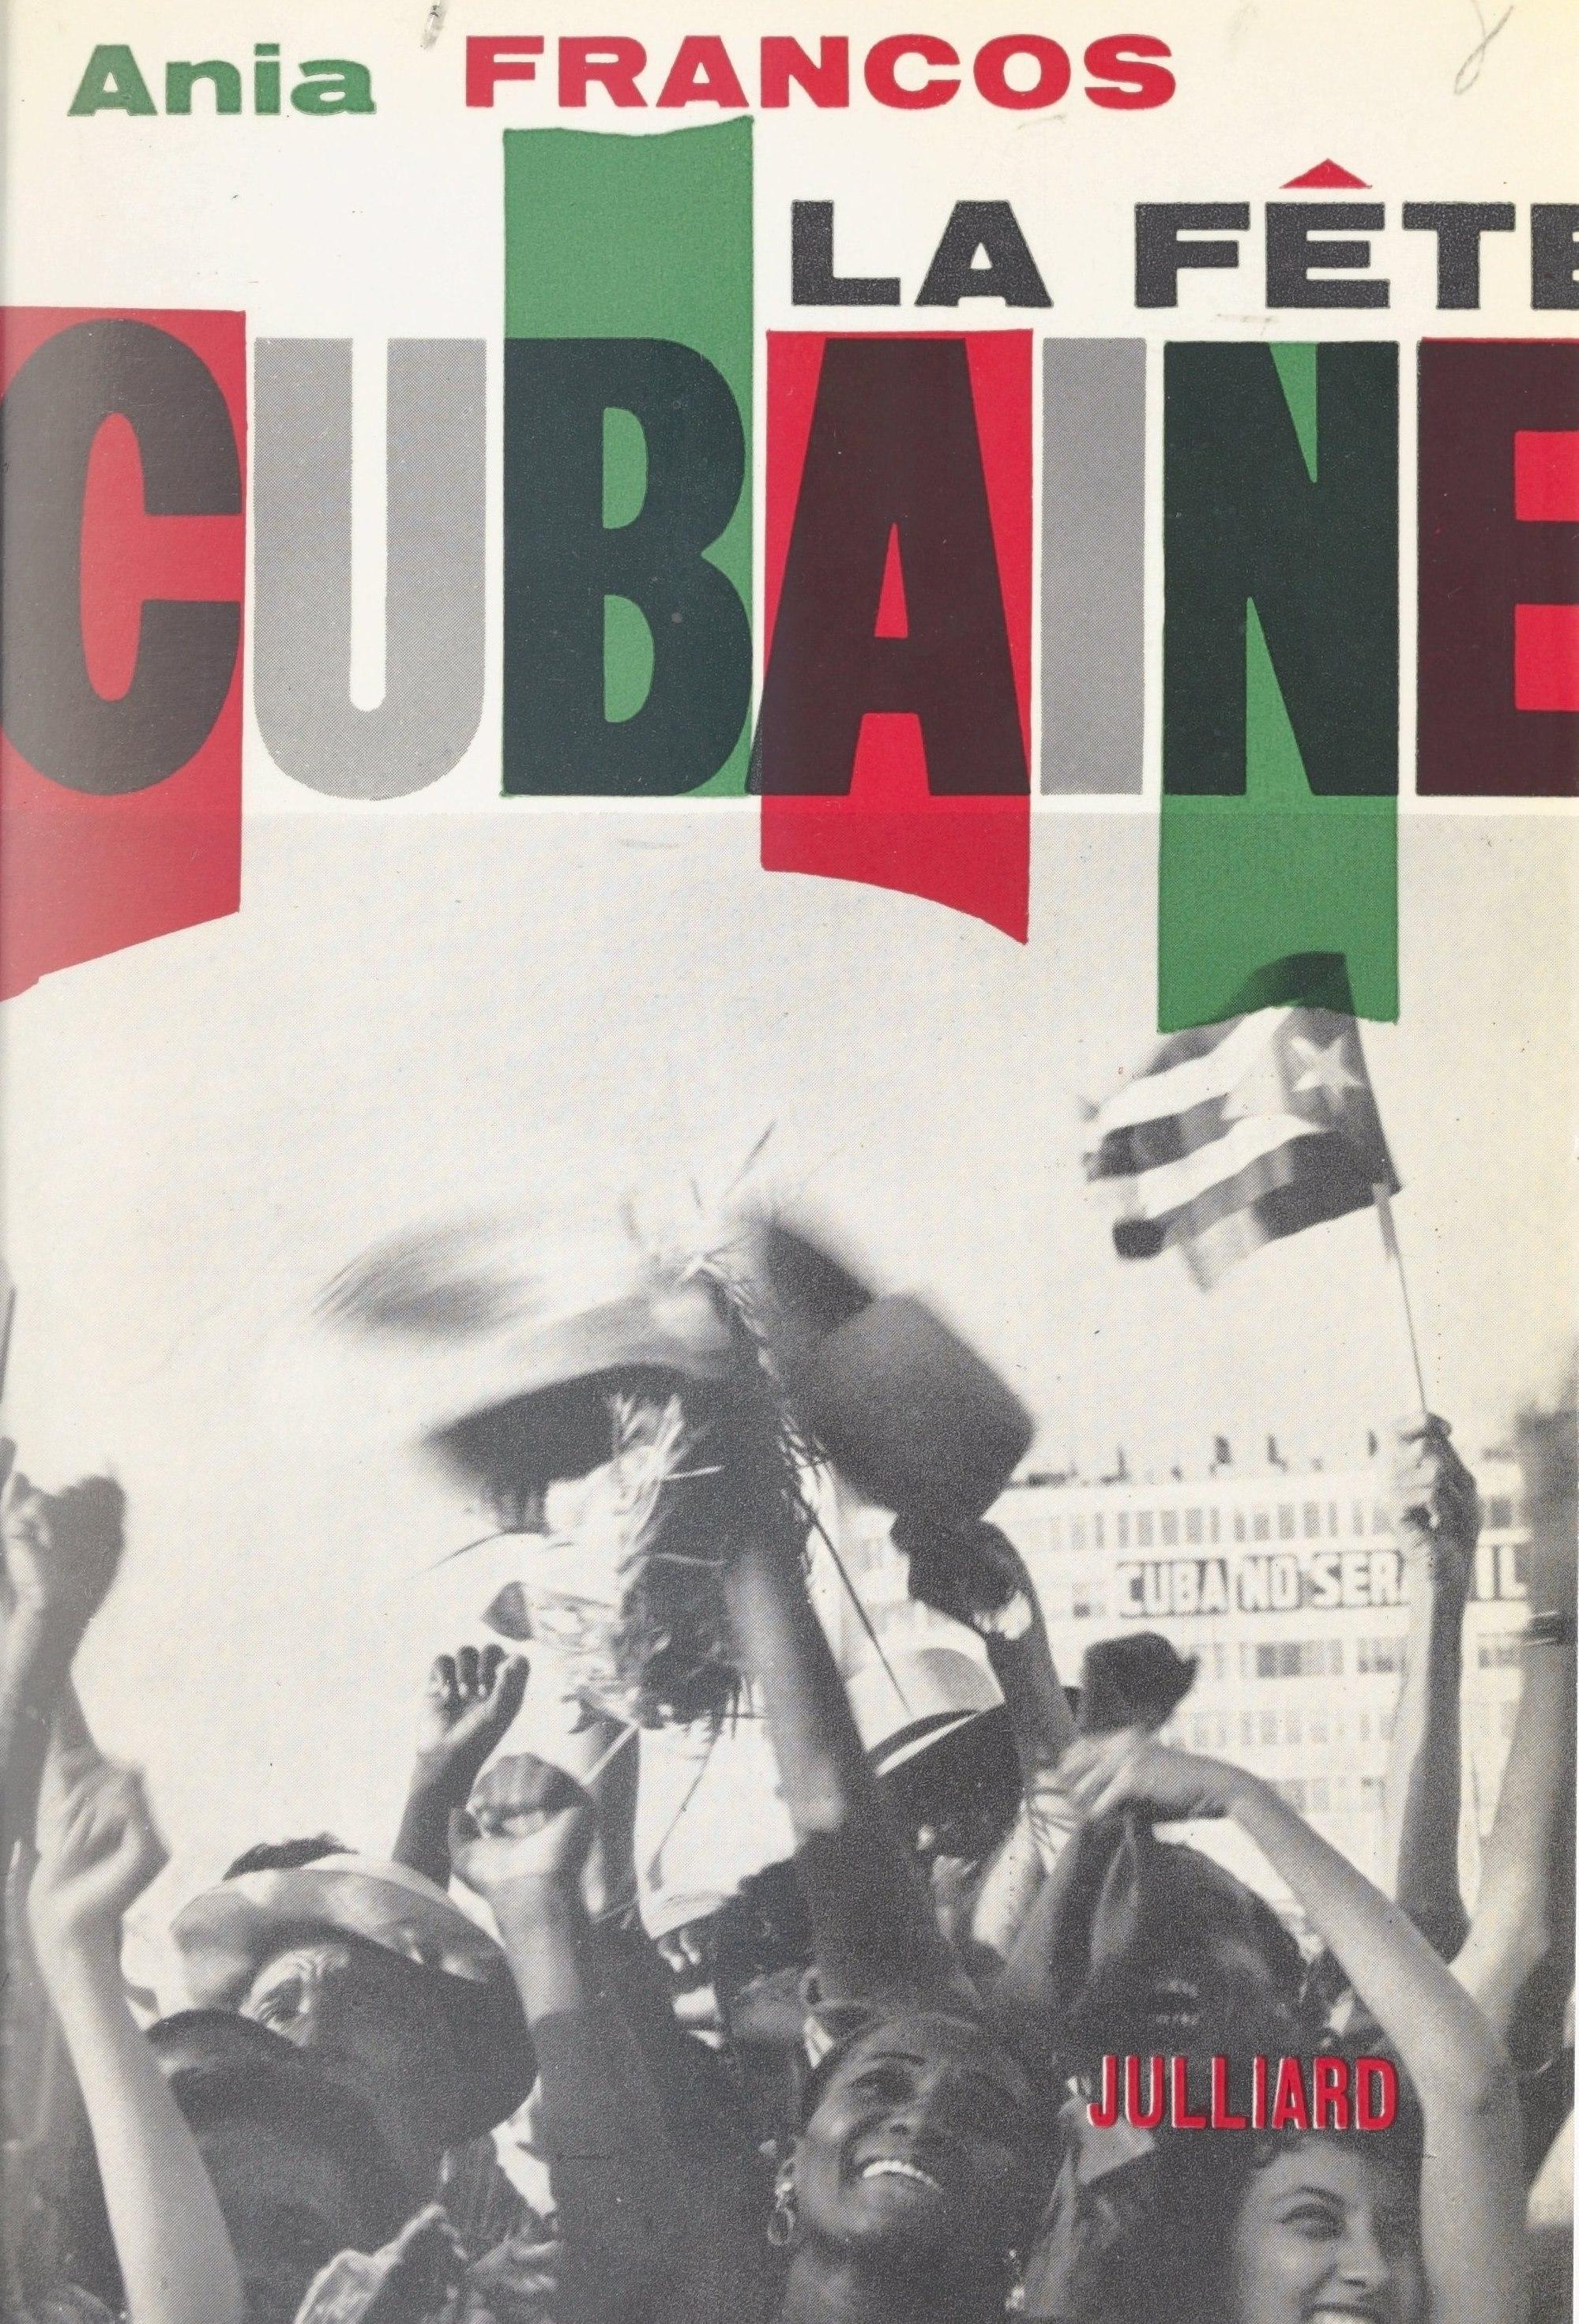 La fête cubaine